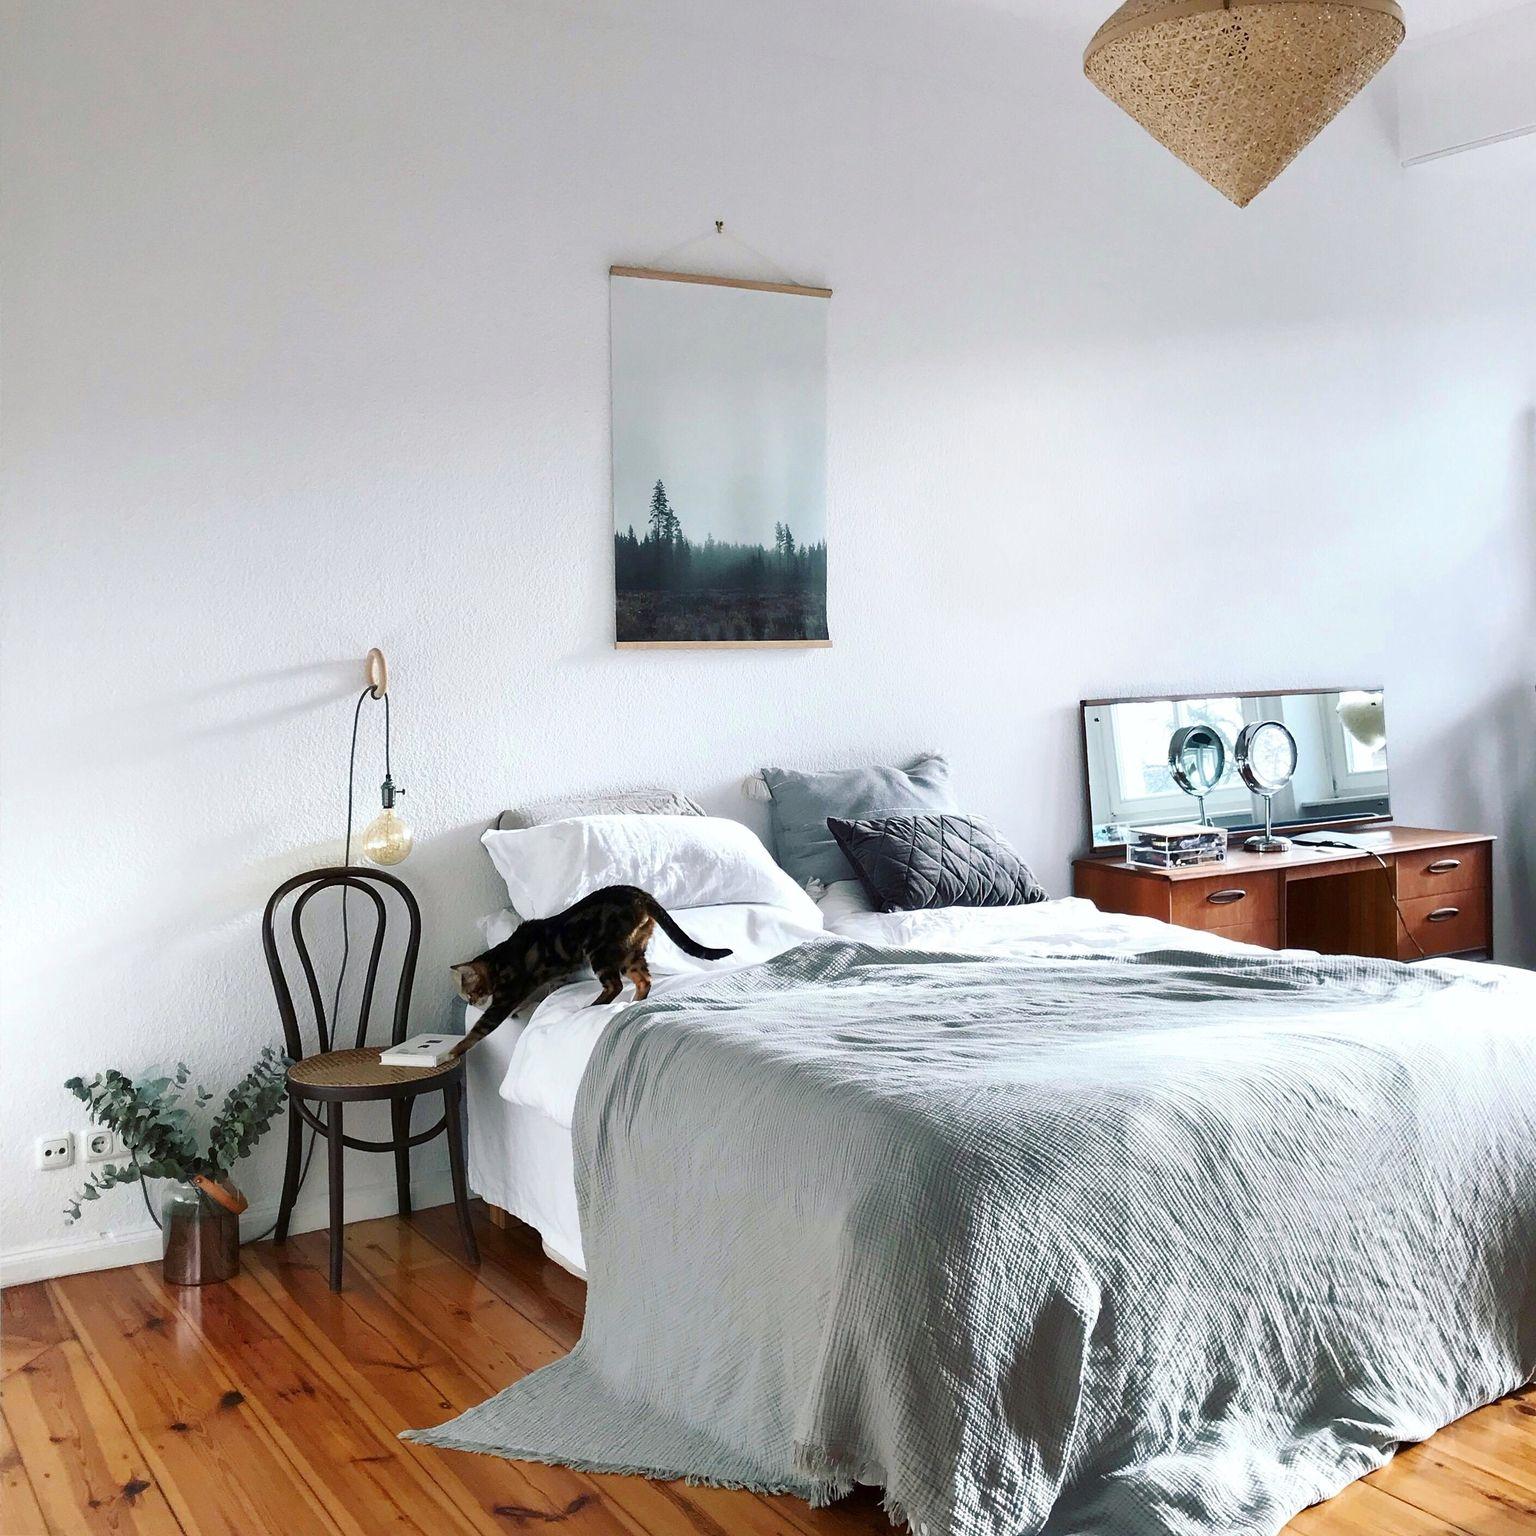 2 Zimmer Altbau In Berlin Mit Flauschigen Mitbewohnern Mit Bildern Wohnung Zimmer Wohnen